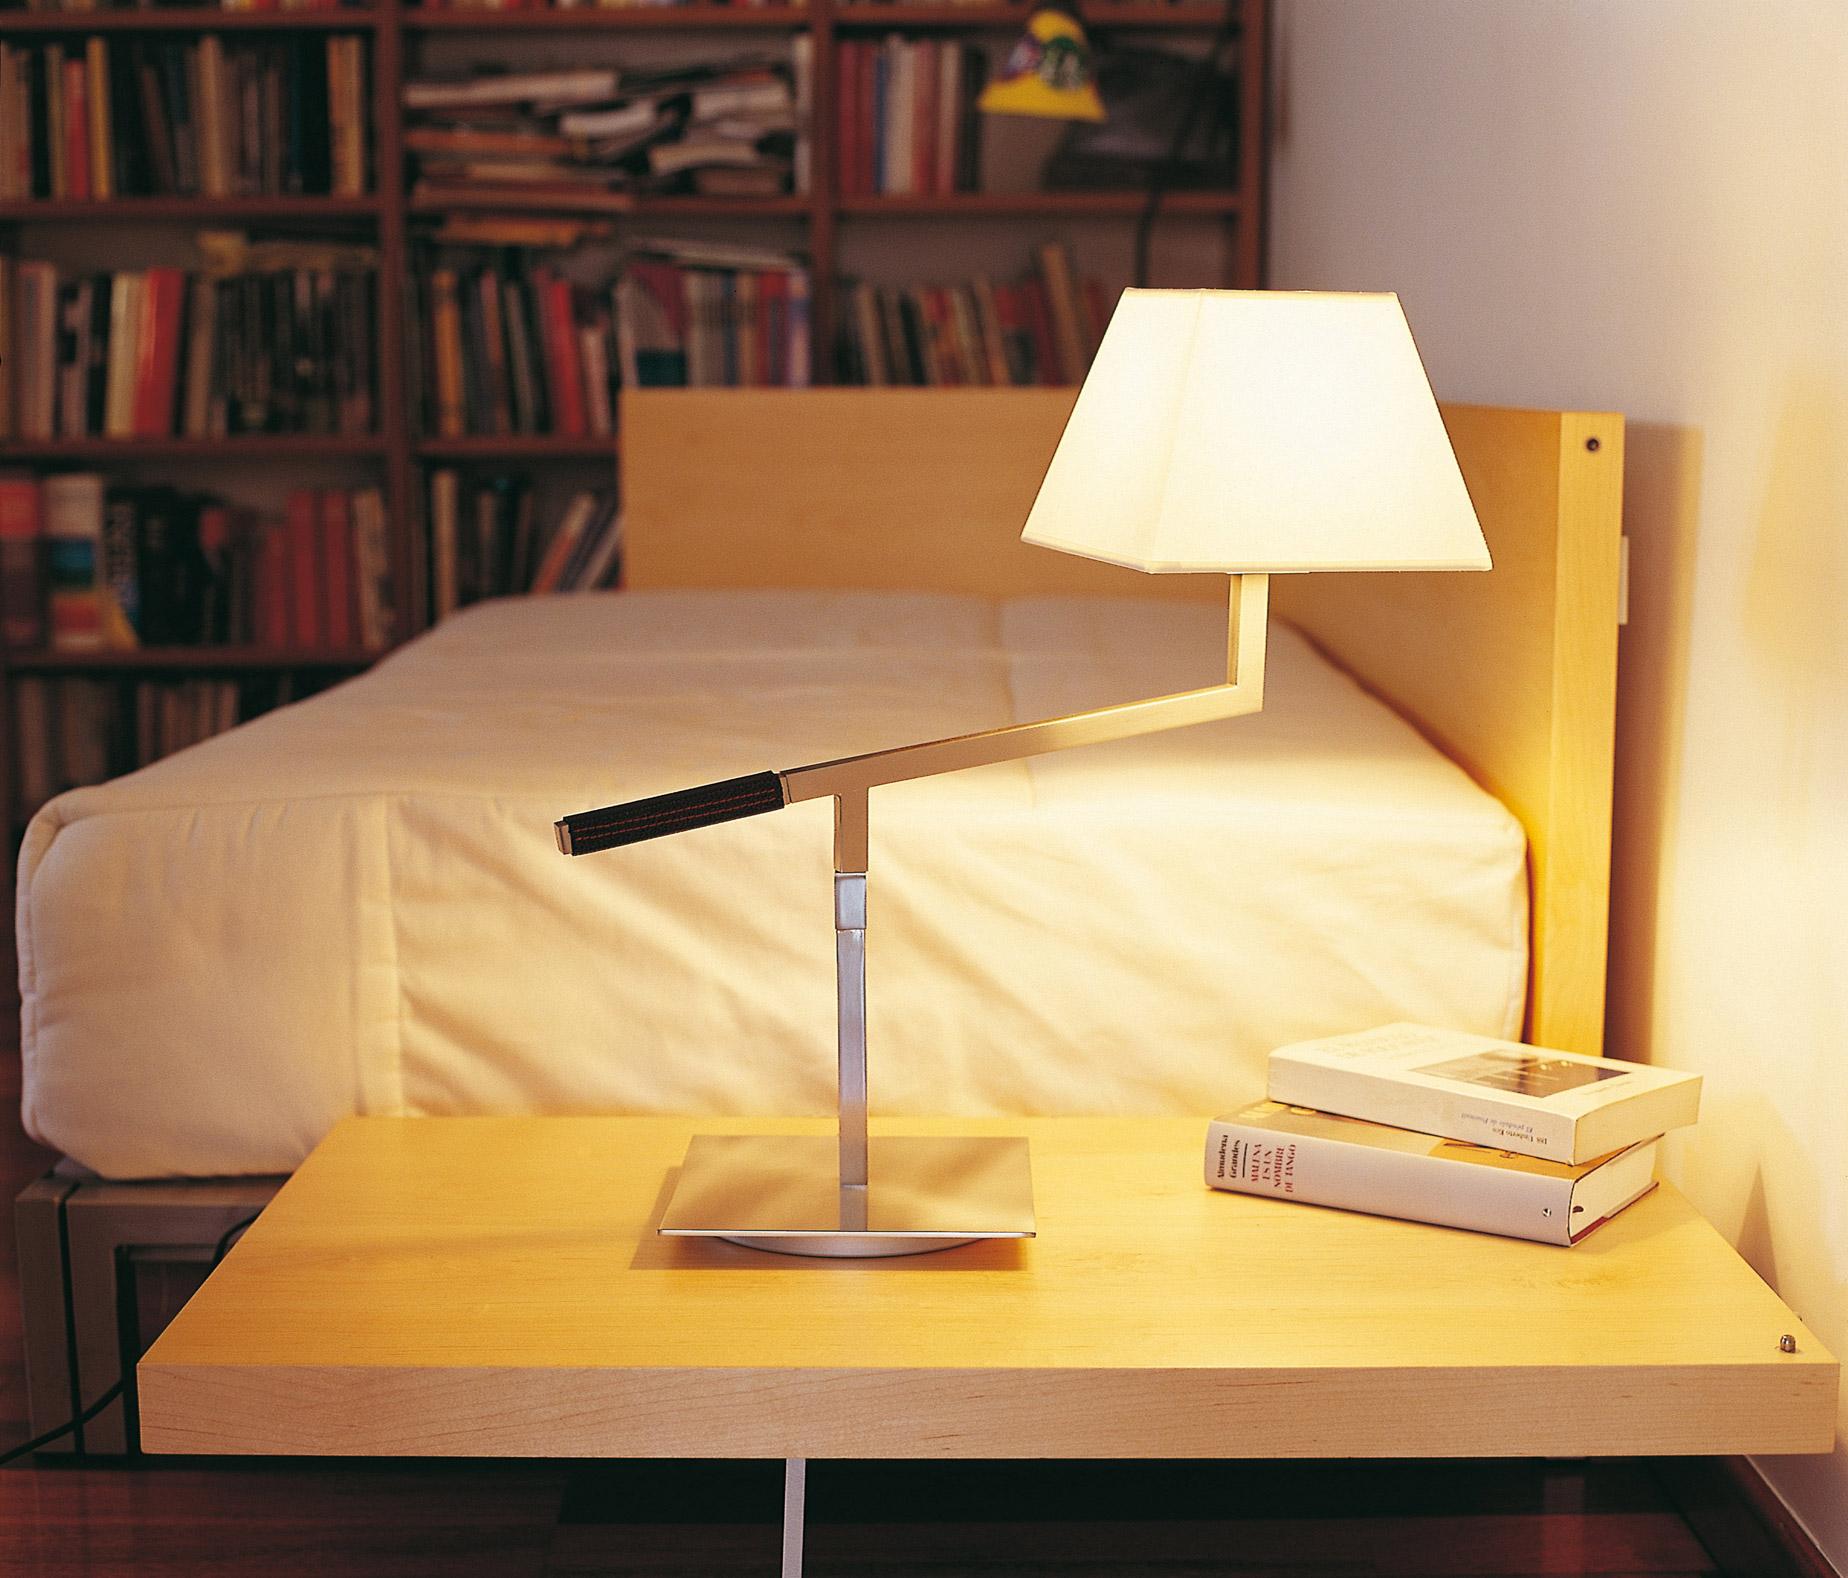 Lampara CARLOTA escritorio mesita noche Bover